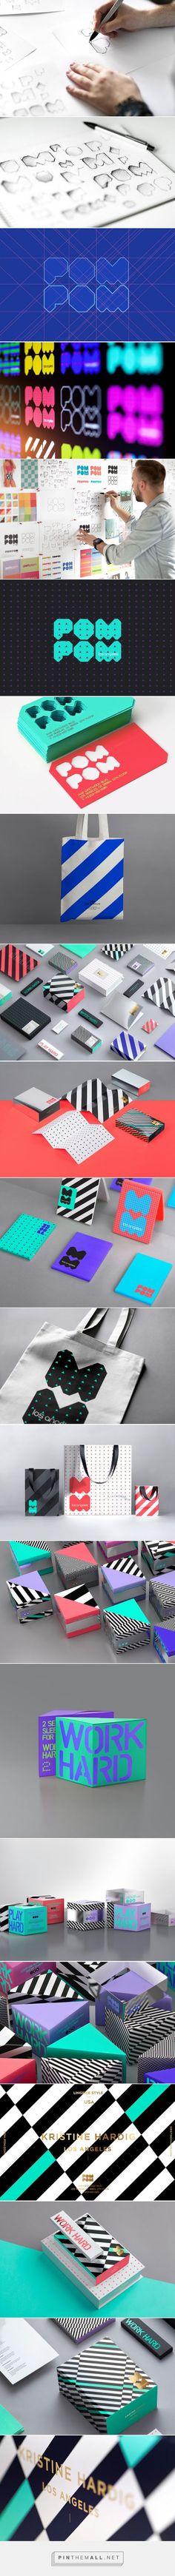 POM POM #lingerie #packaging designed by Reynolds and Reyner - http://www.packagingoftheworld.com/2015/05/pom-pom.html: